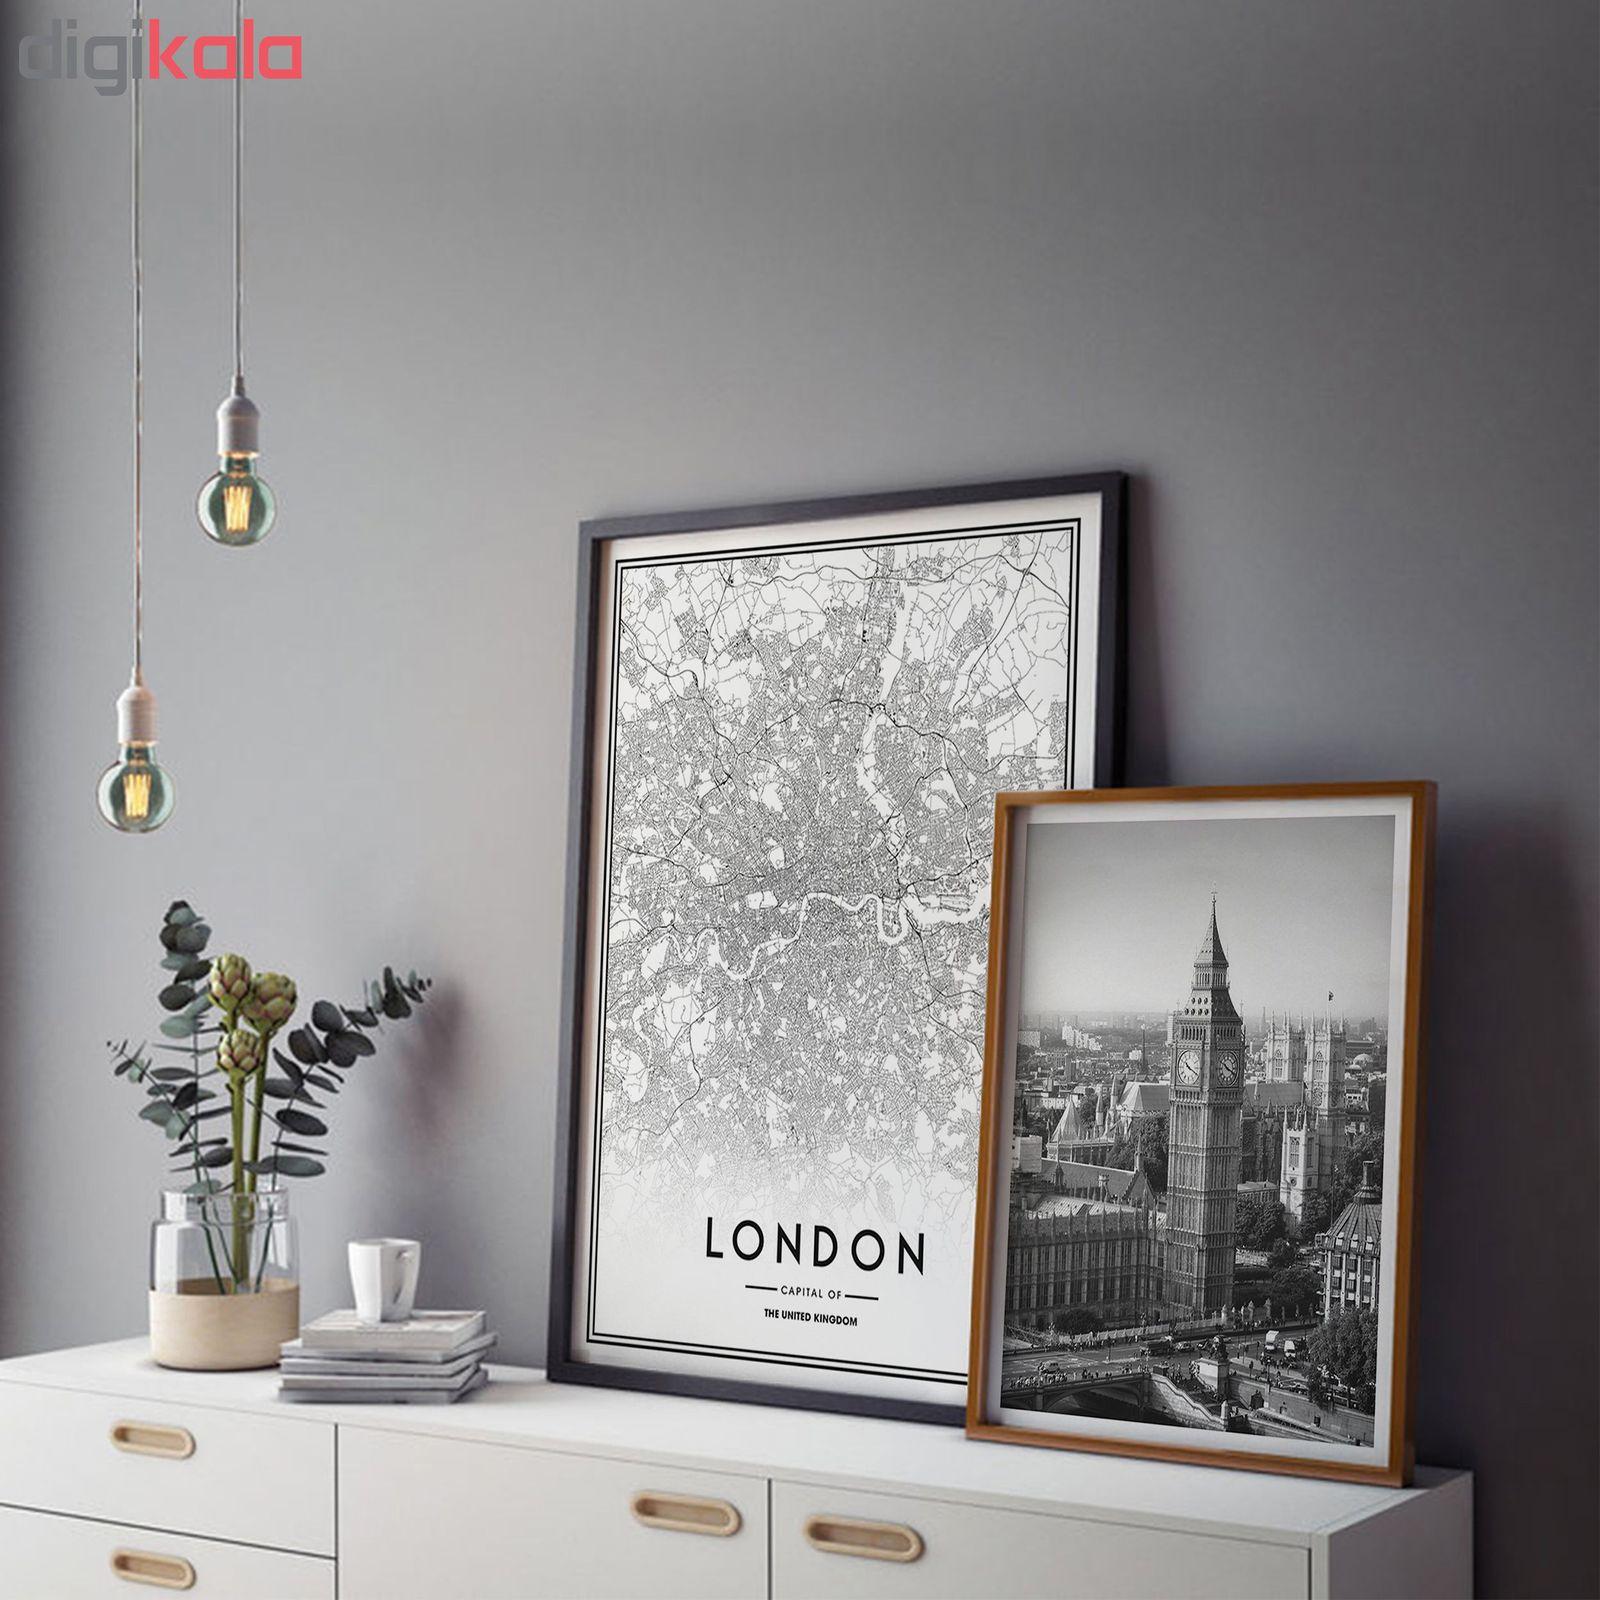 تابلو سالی وود طرح نقشه شهر لندن مدل T120104